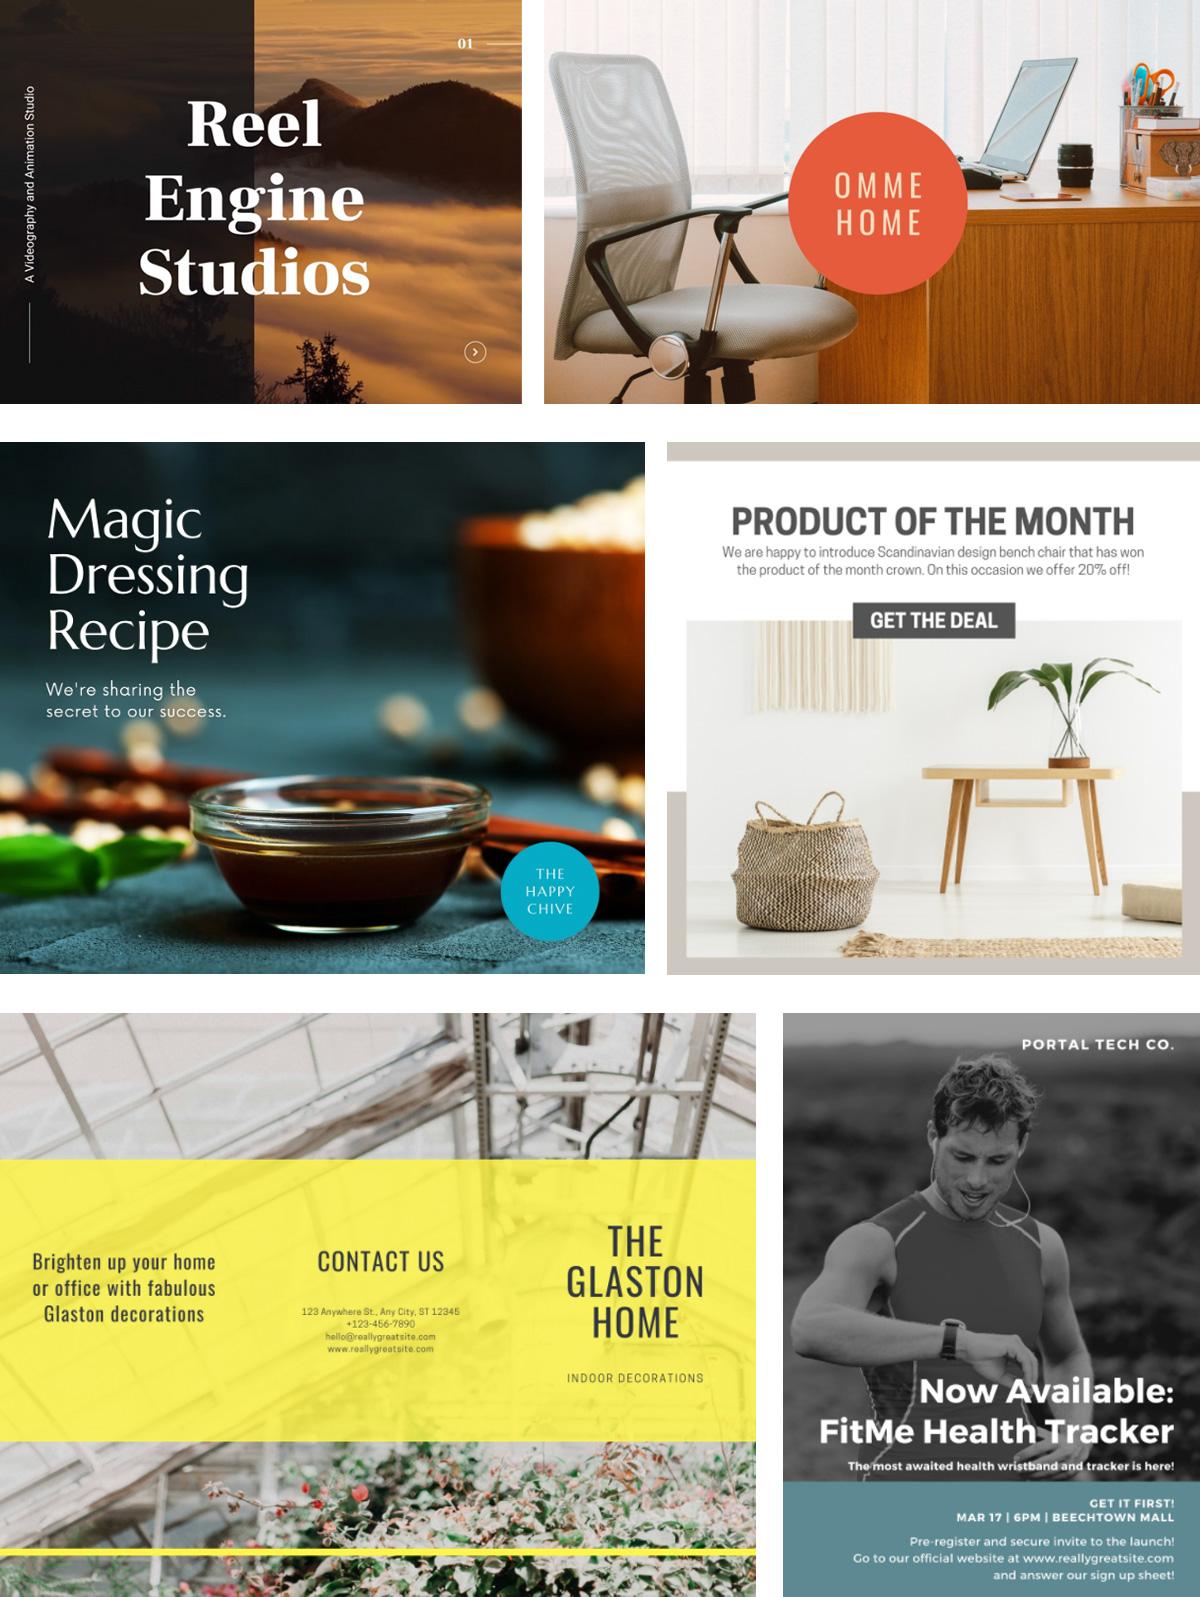 фрийланс, безплатна консултация с дизайнер, композиционен център, свободна практика